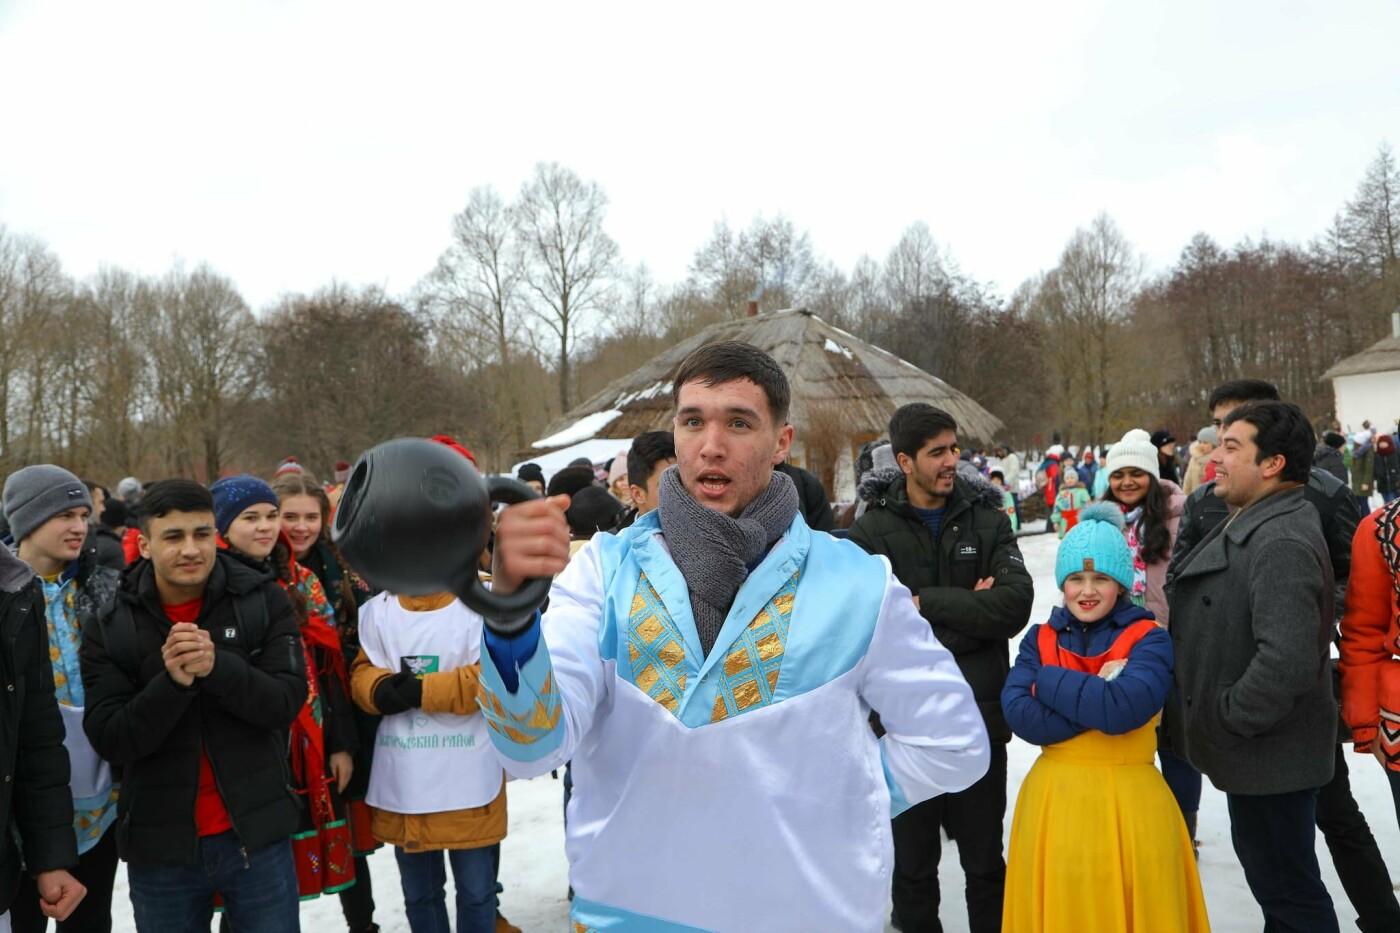 Под Прохоровкой прошёл фестиваль «Маланья зимняя» (фото), фото-11